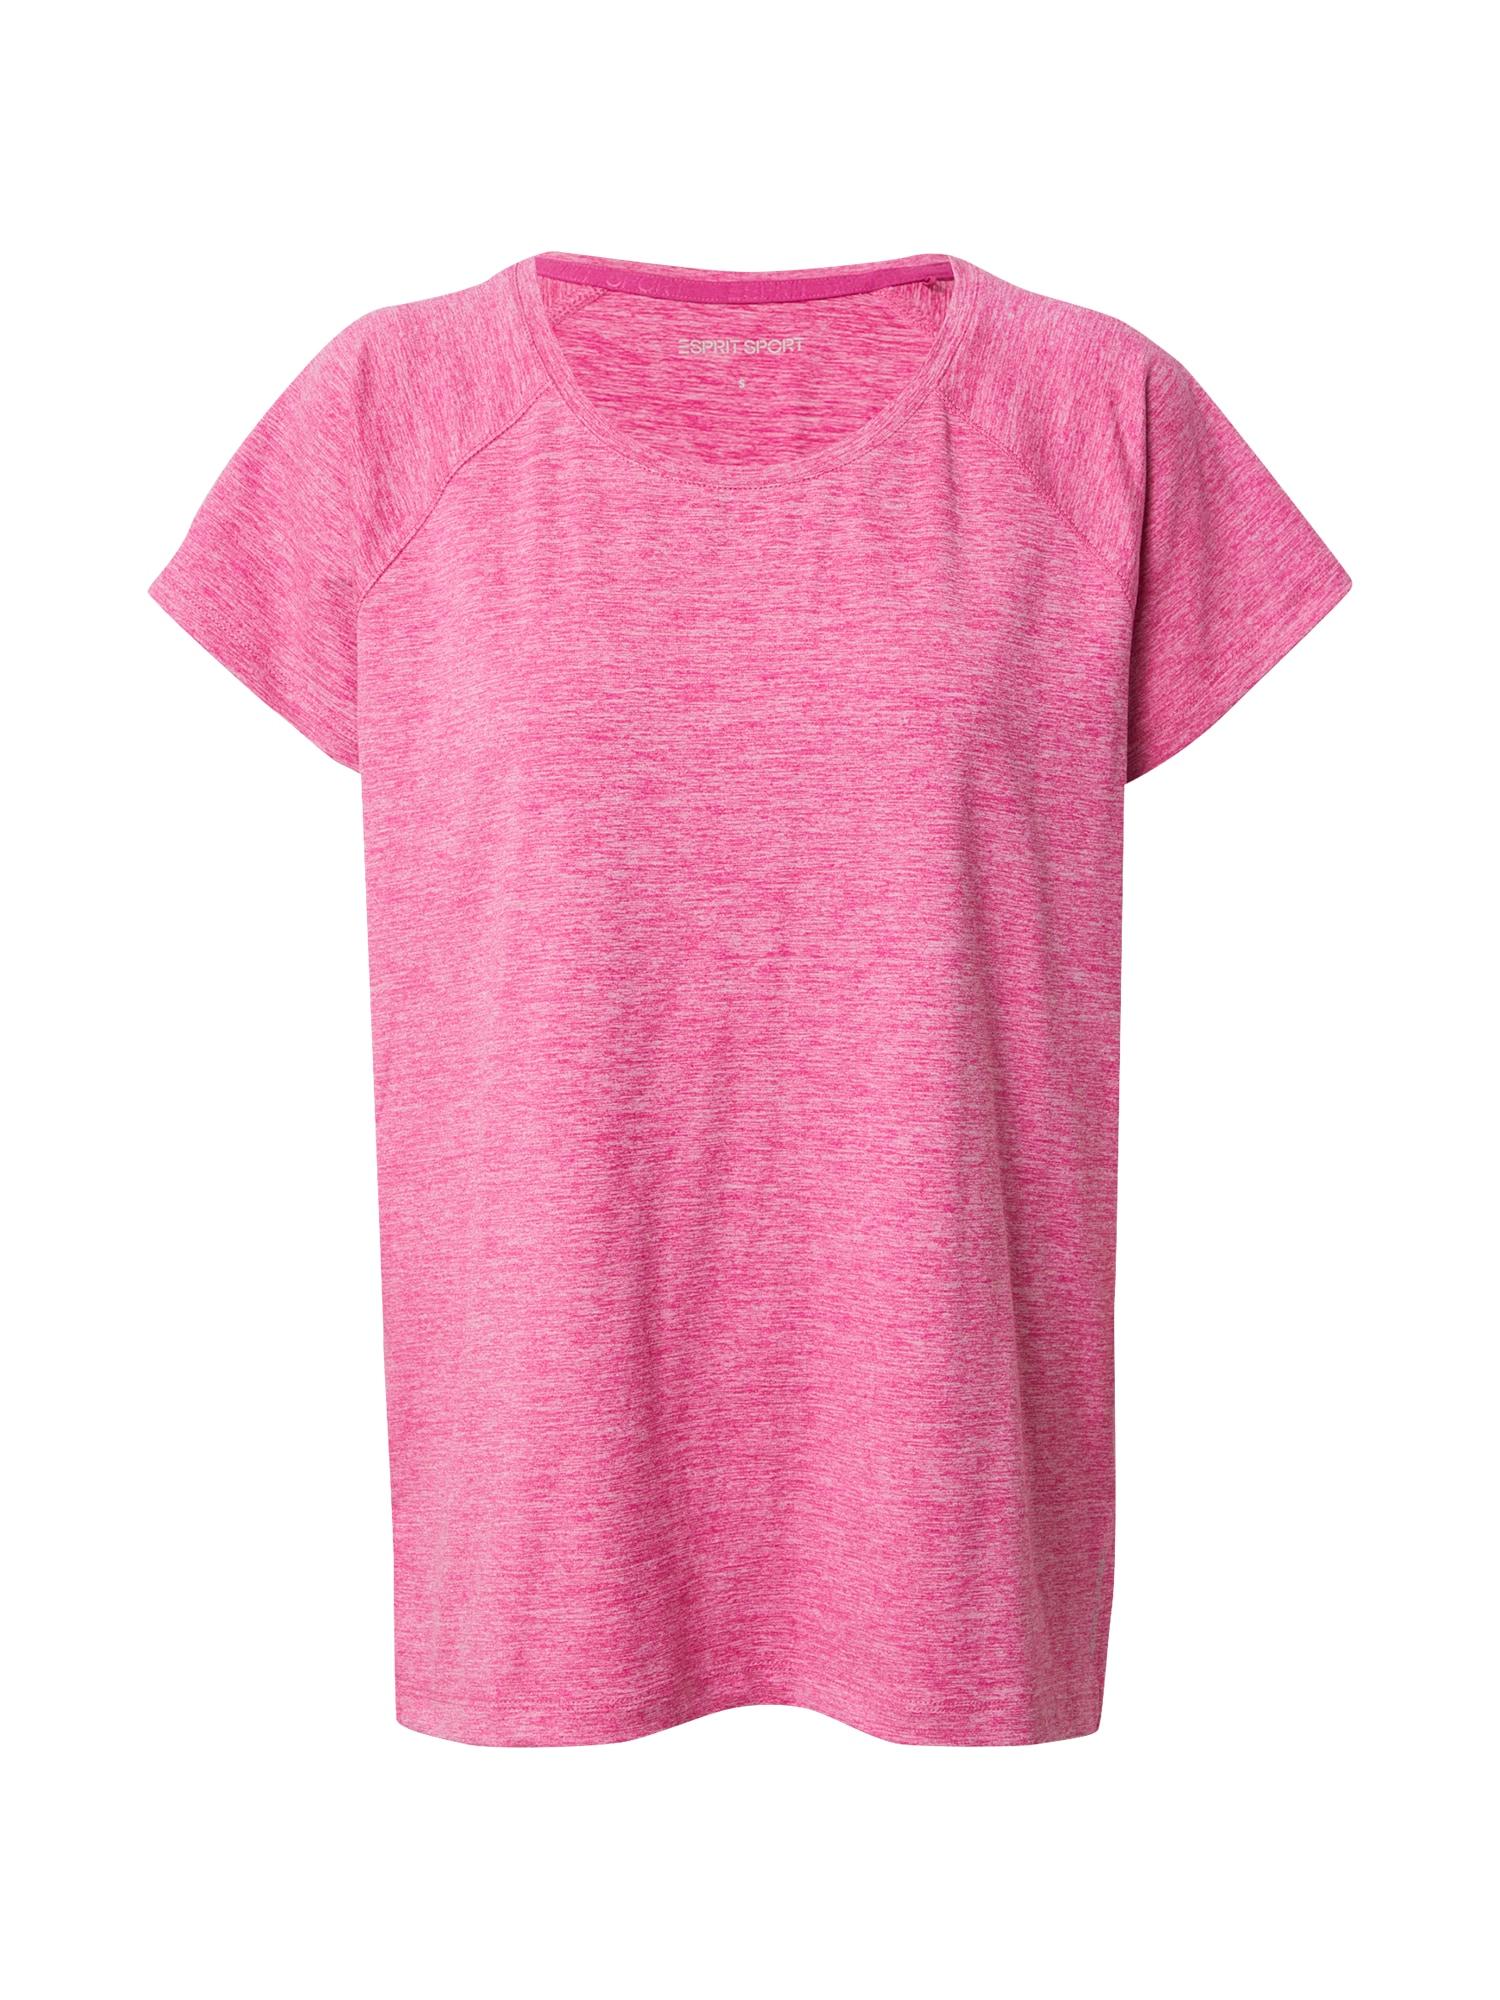 ESPRIT SPORT Sportiniai marškinėliai rožinė